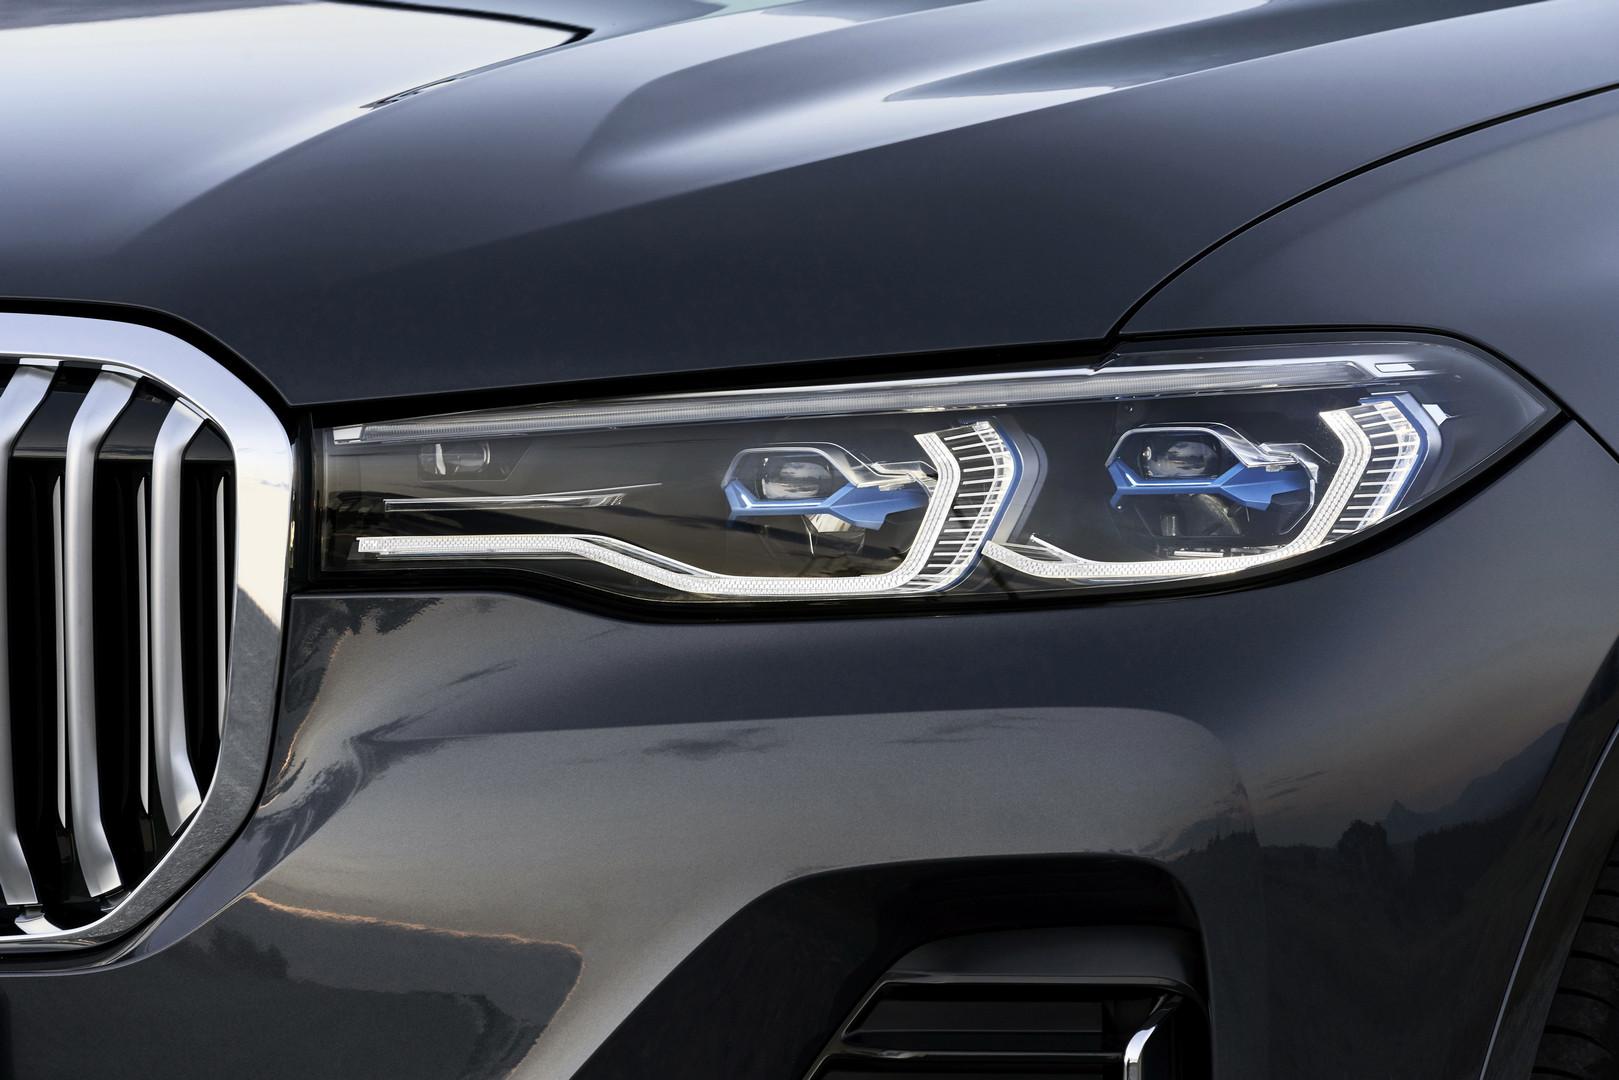 2019 BMW X7 Laser Headights